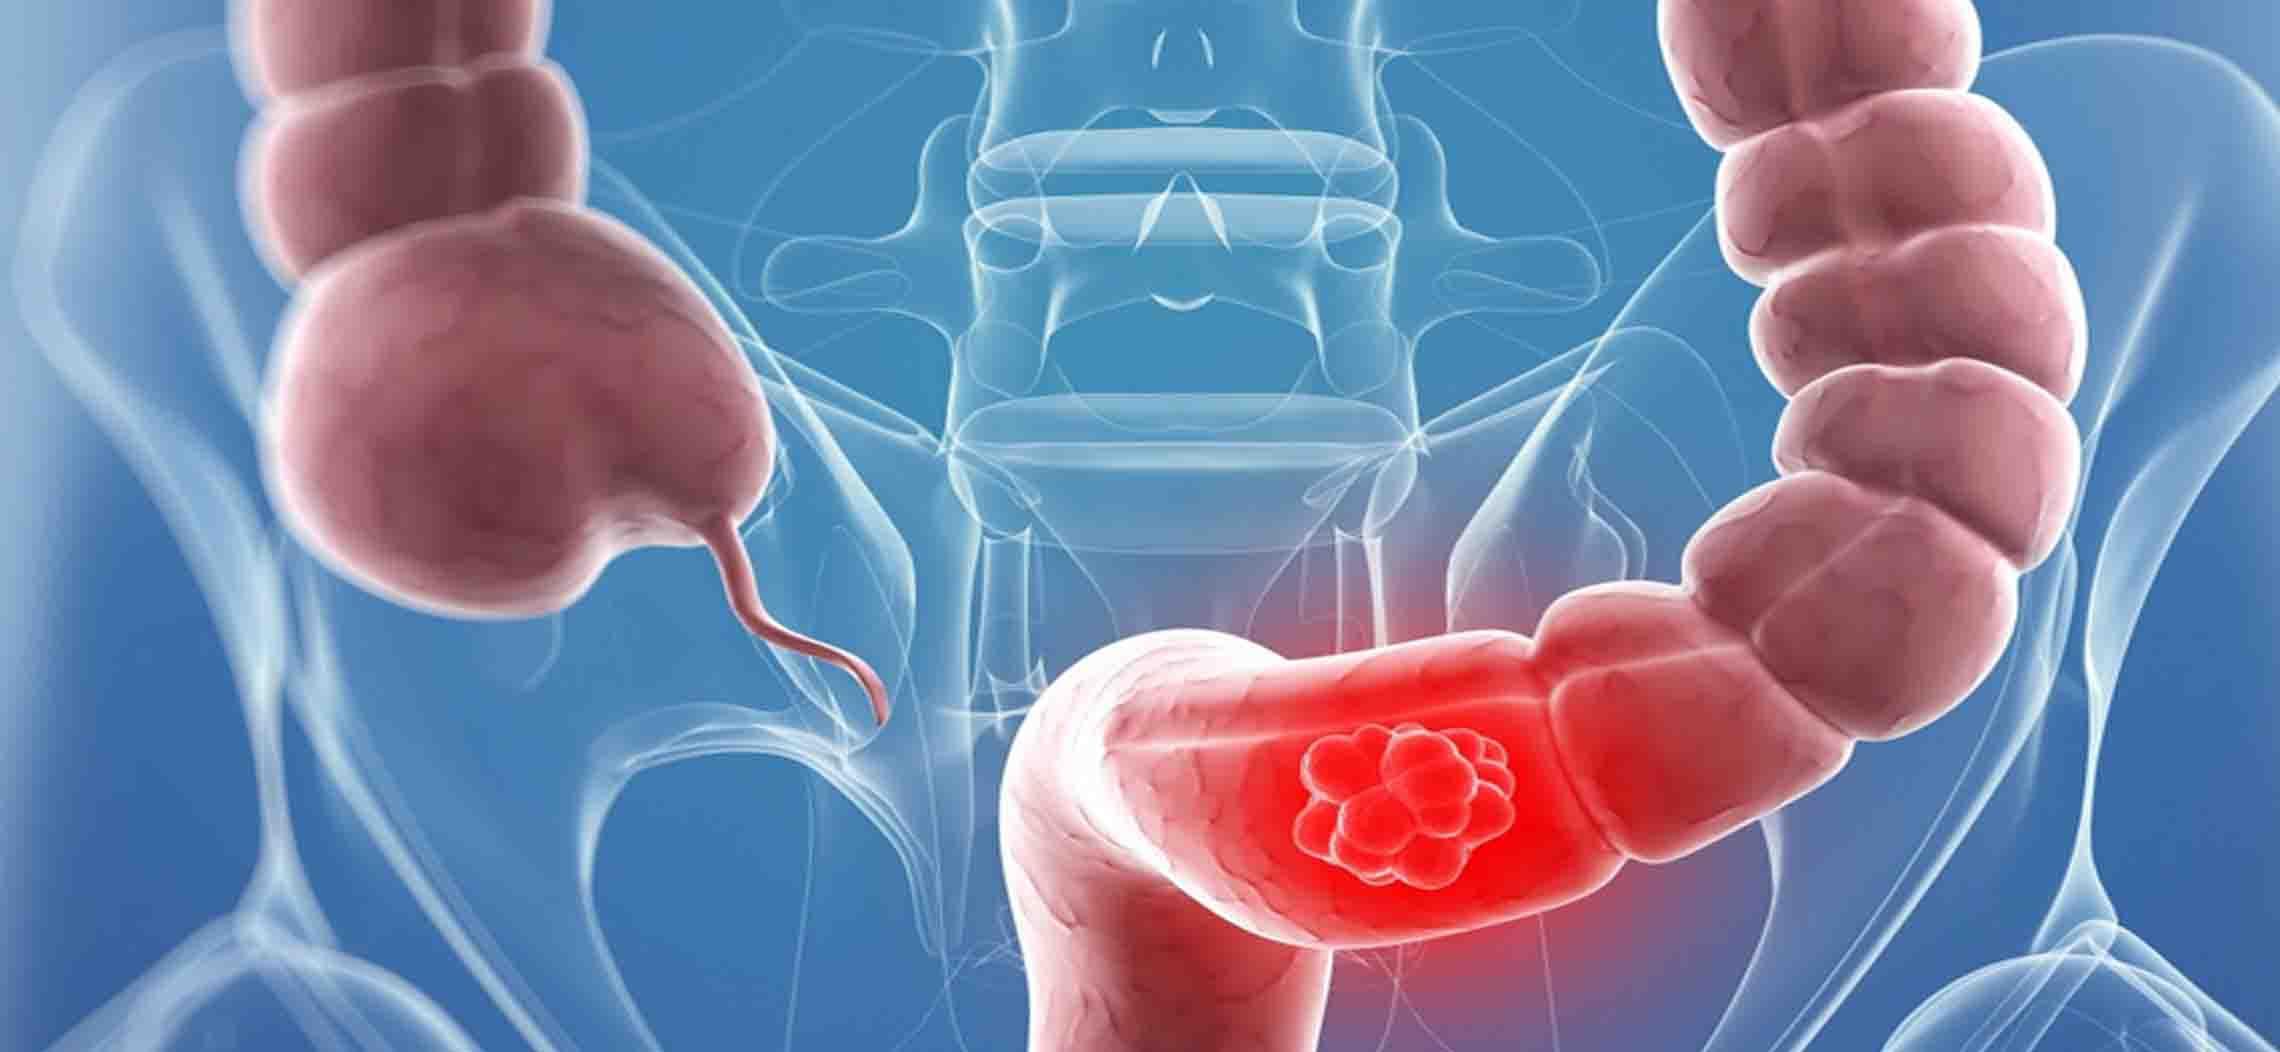 CEA – dấu ấn ung thư đại trực tràng